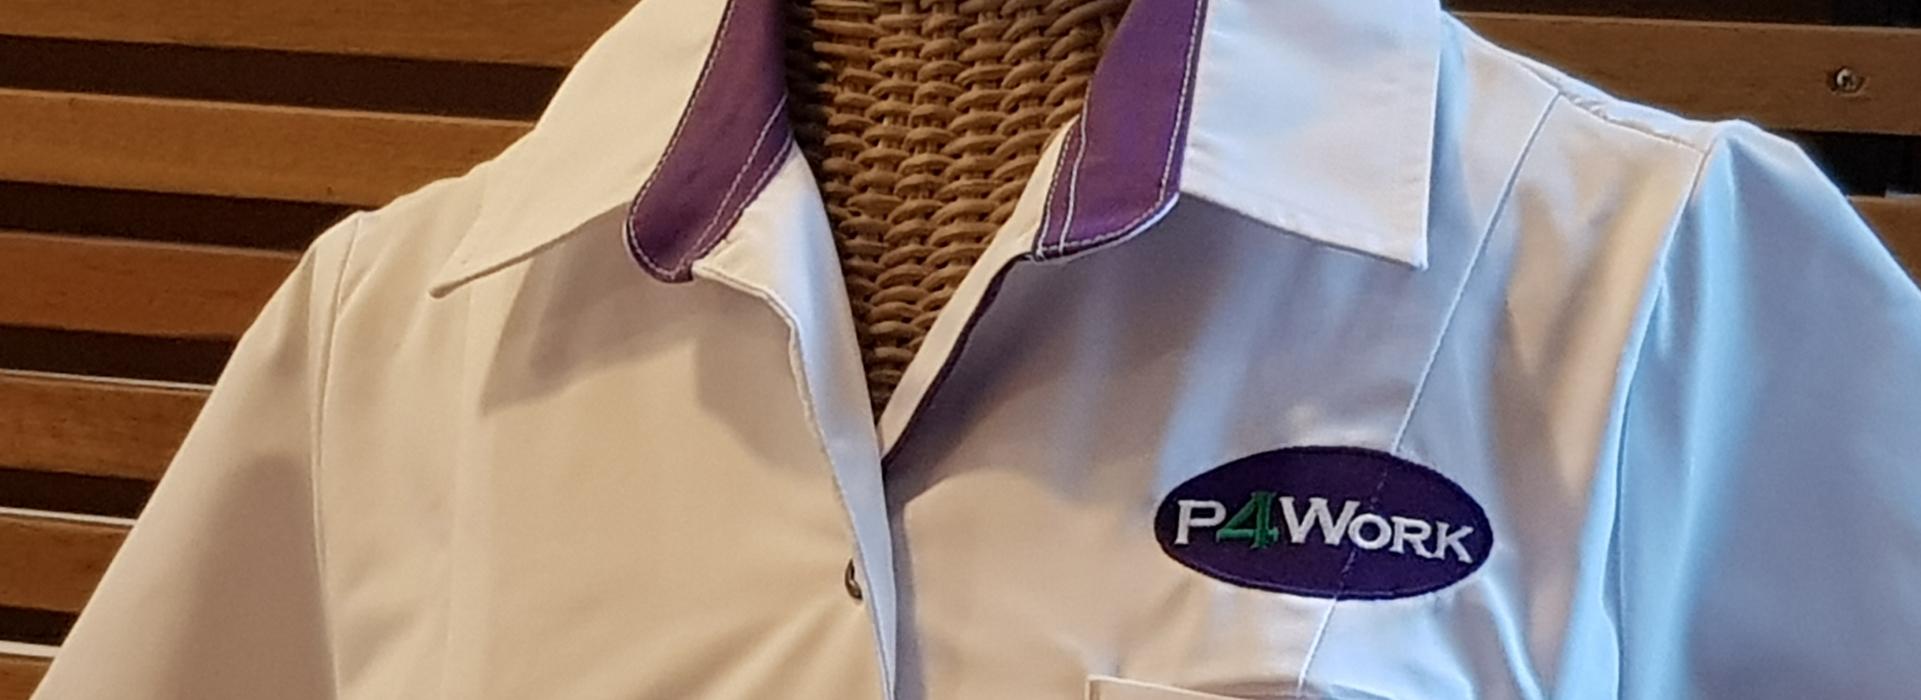 P4Work - Particulieren